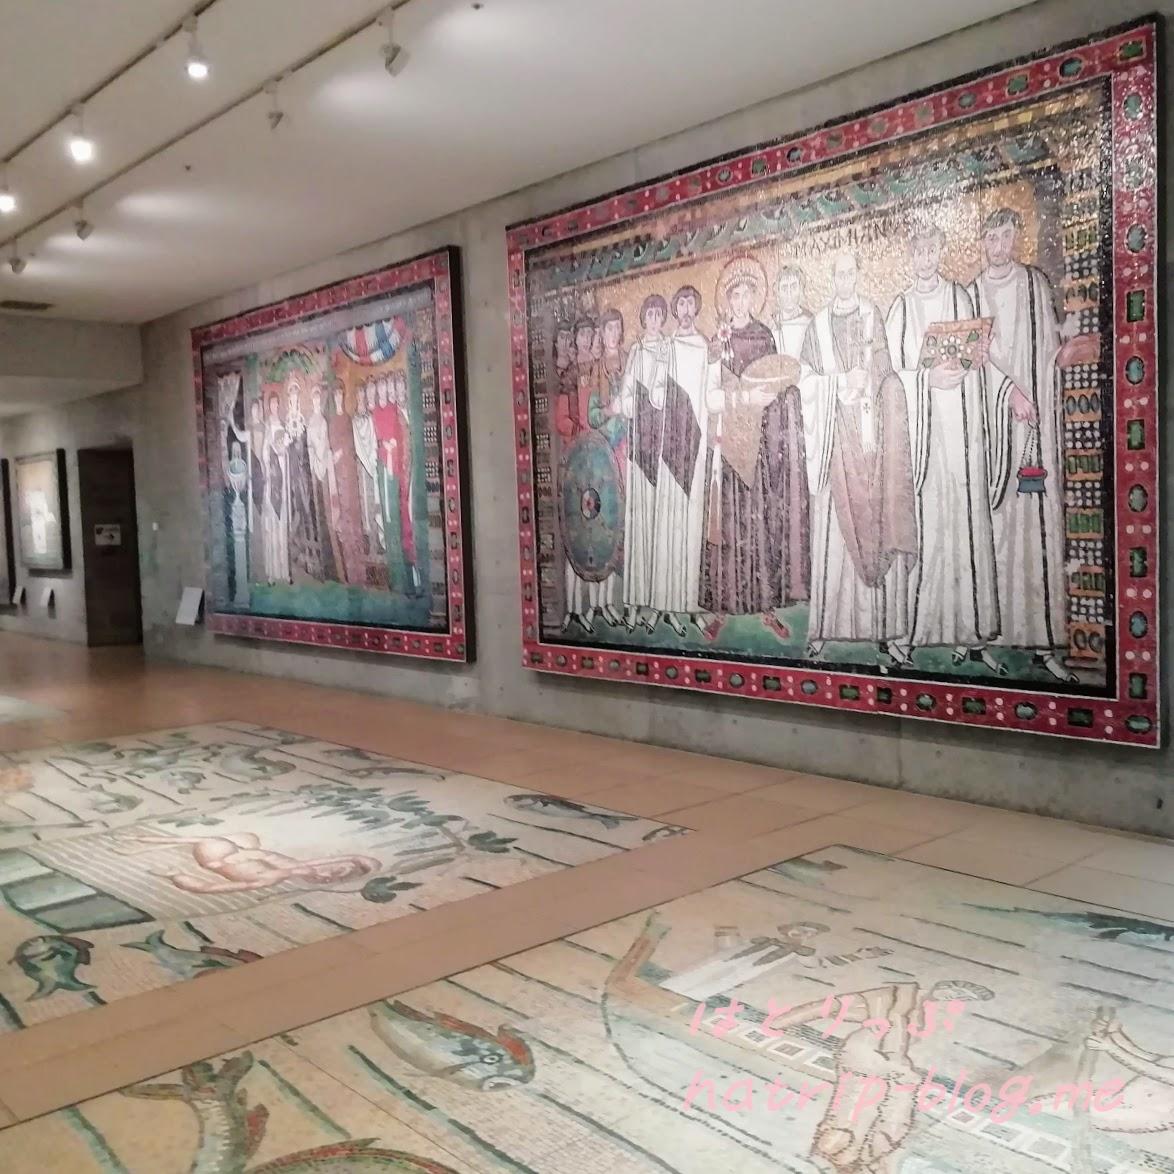 大塚国際美術館 聖ニコラオス・オルファノス聖堂